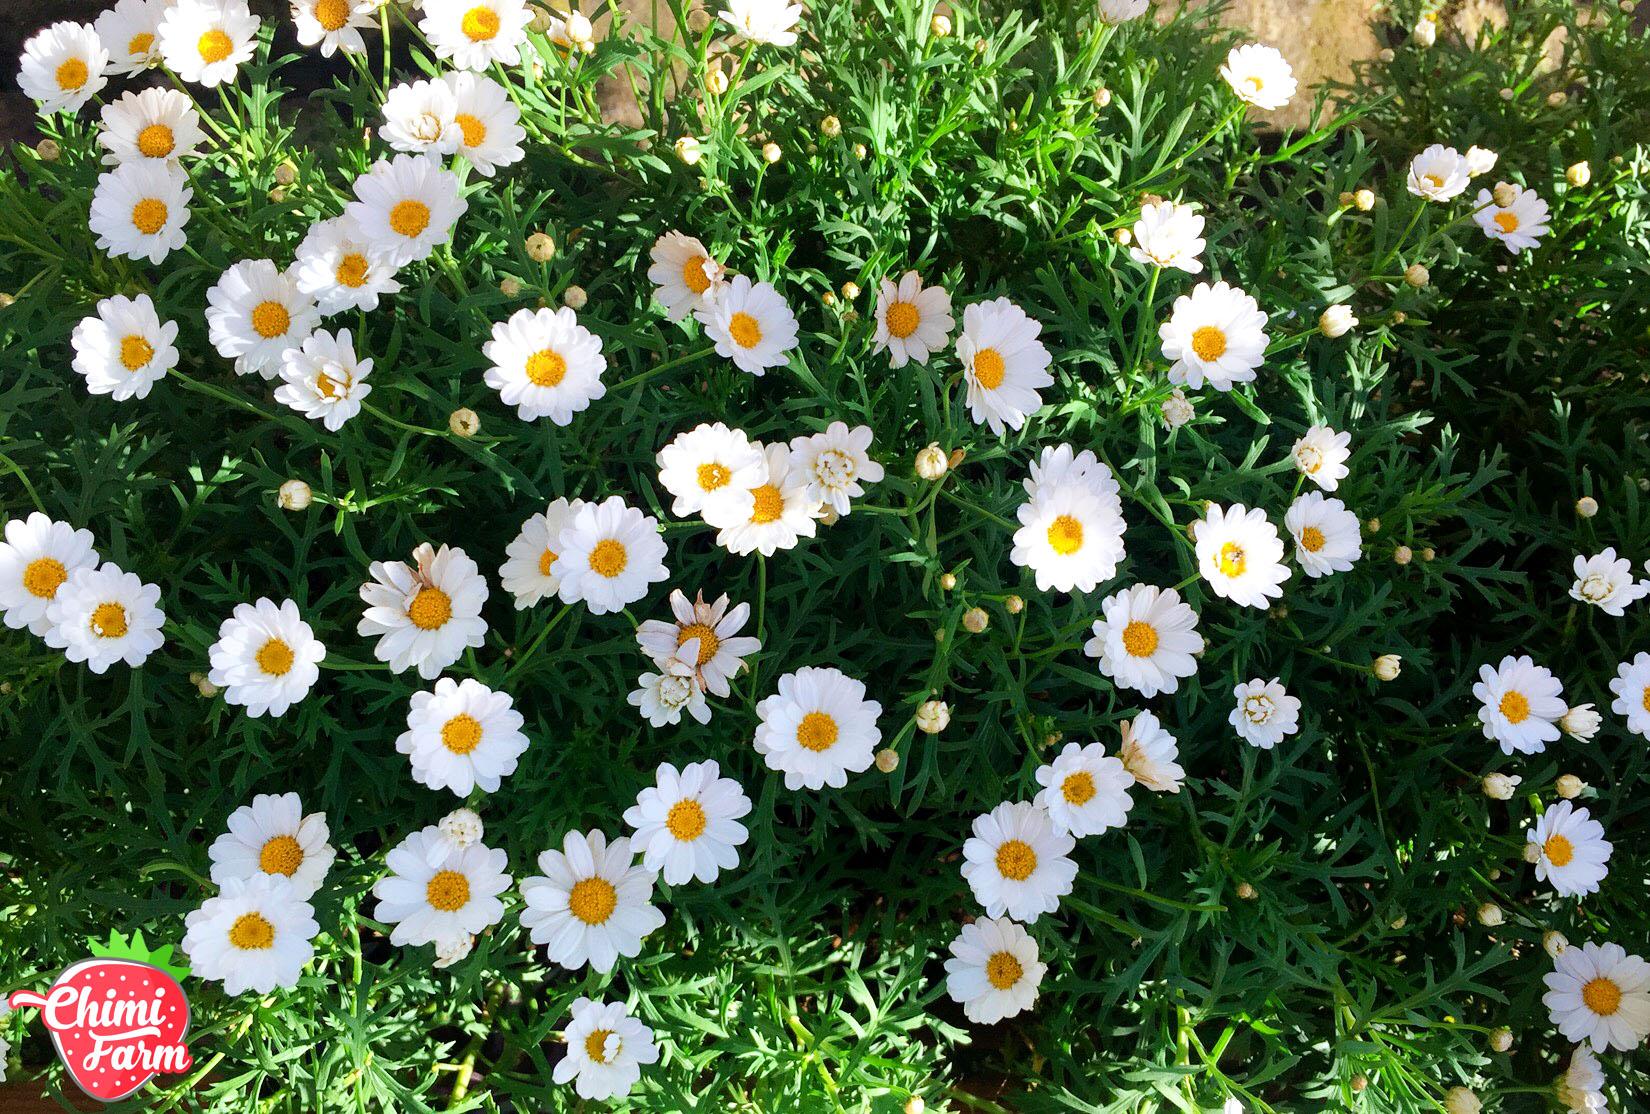 Tháng 11 là mùa của loài hoa báo đông về